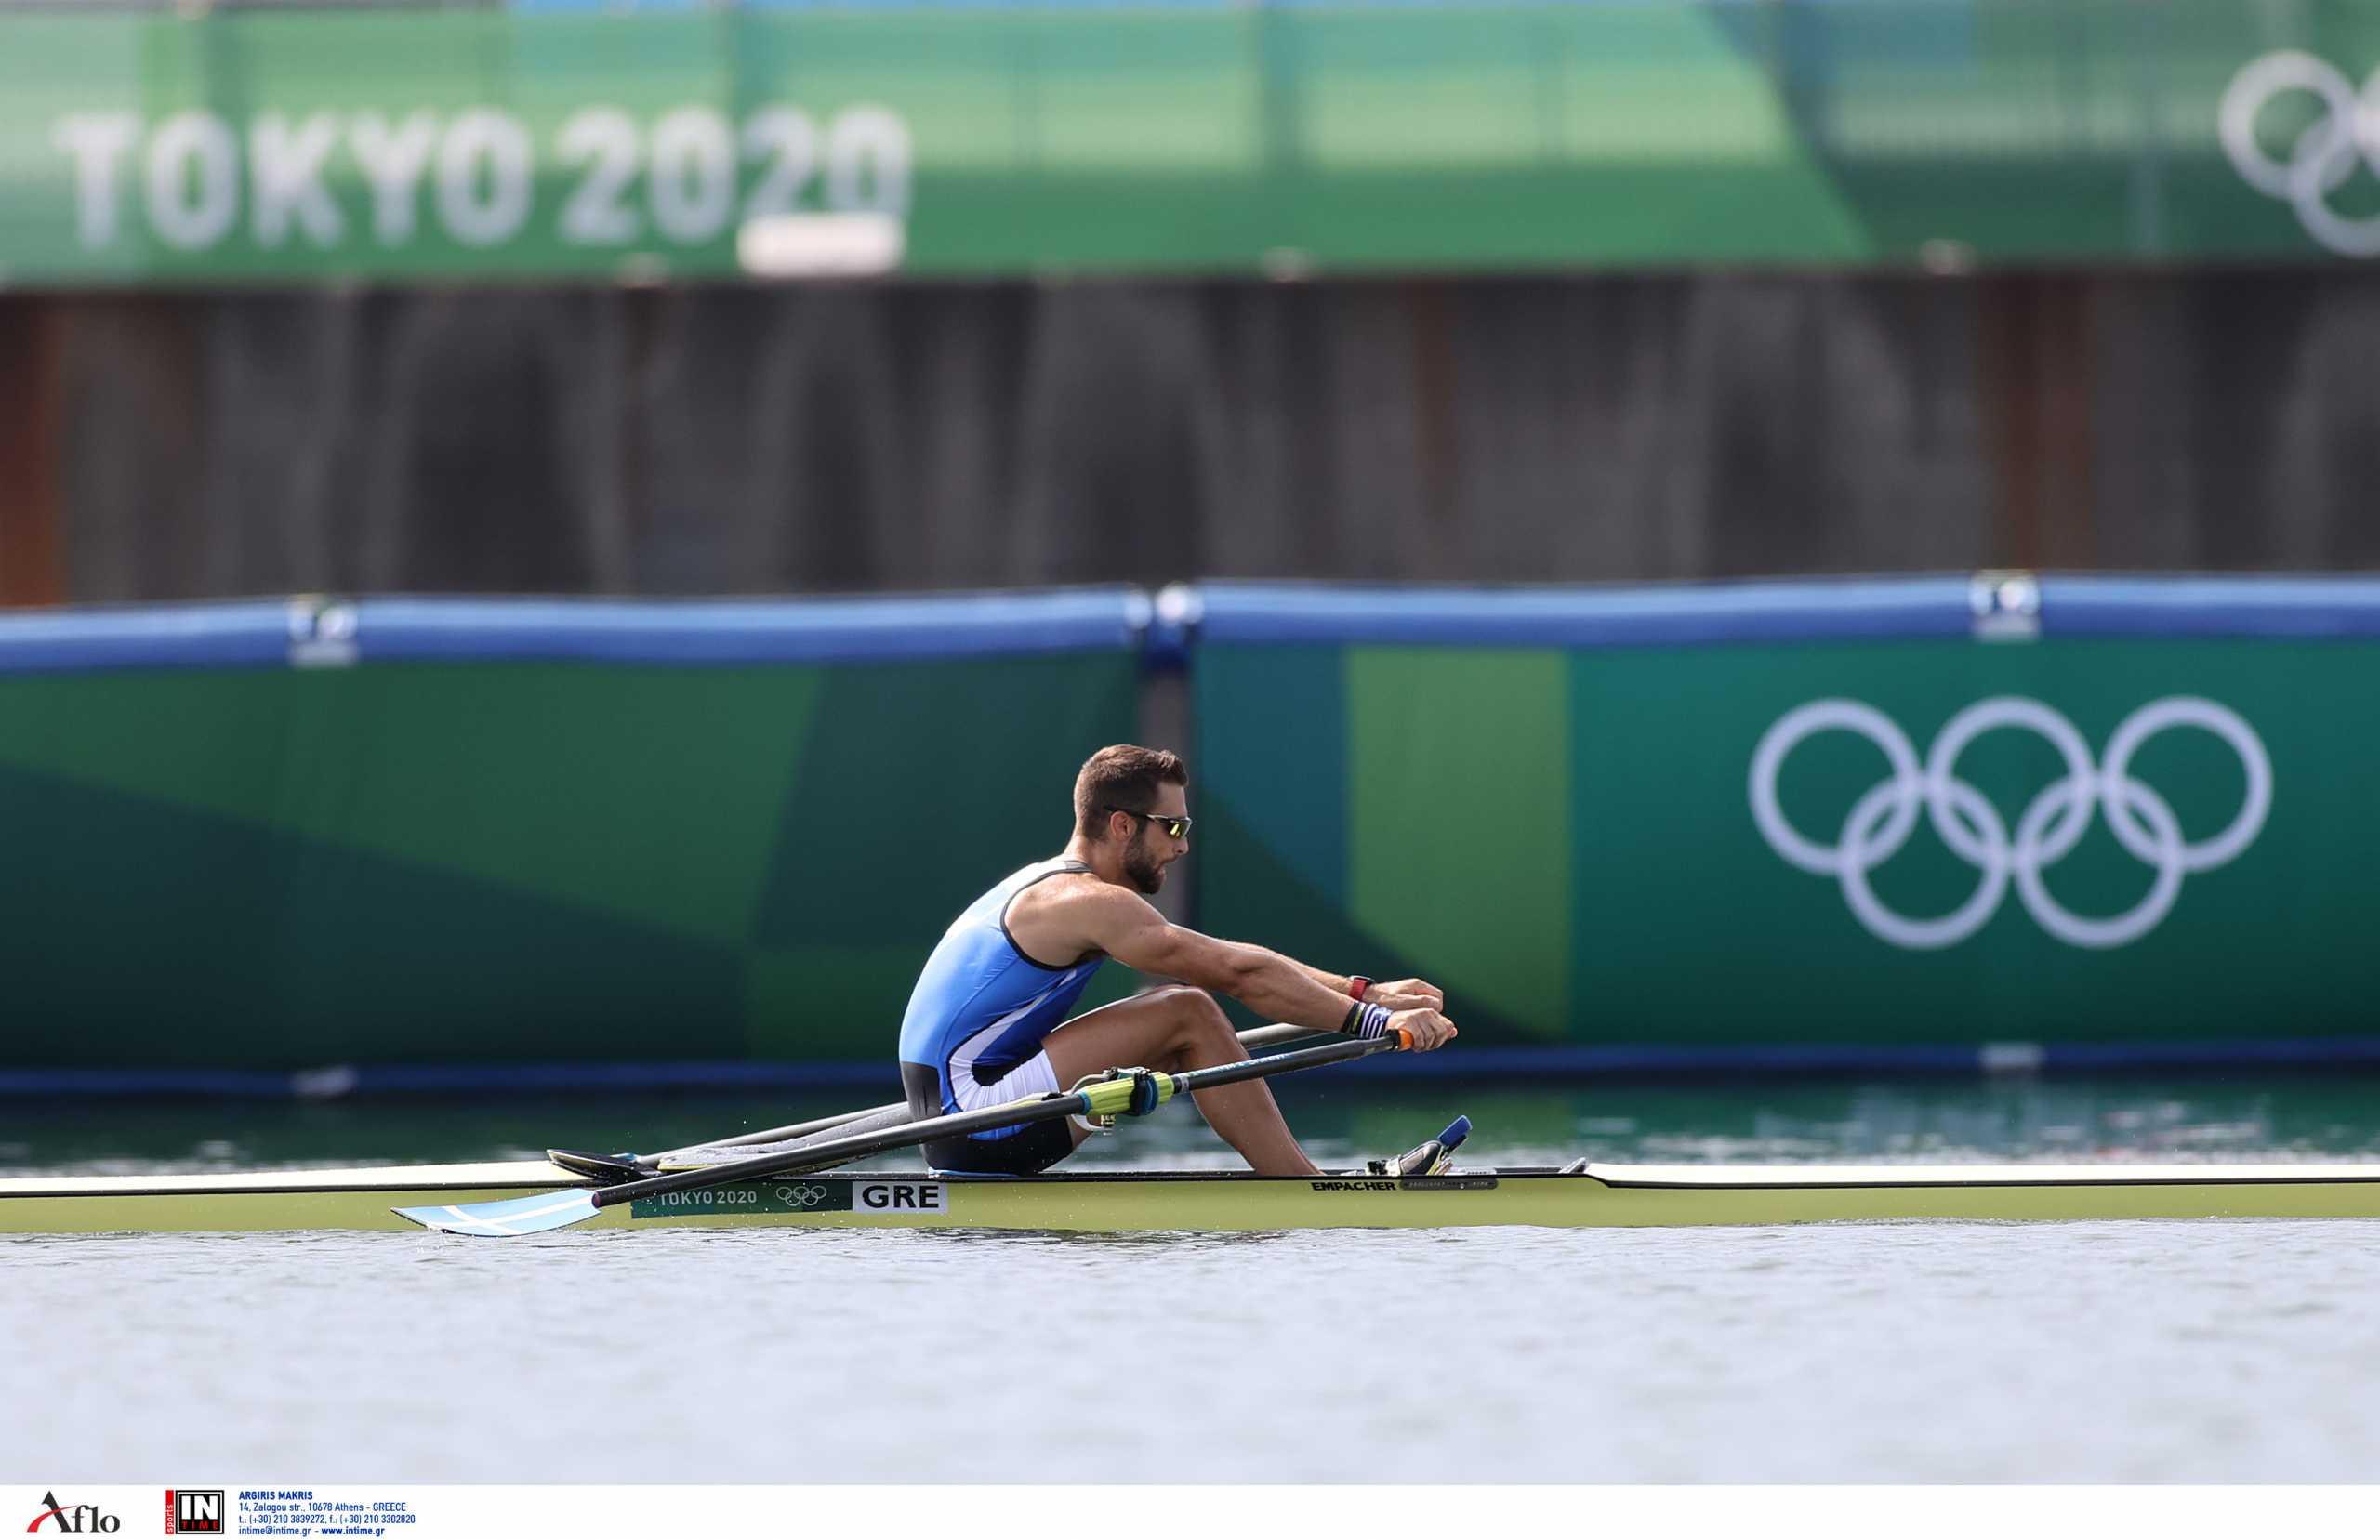 Ολυμπιακοί Αγώνες: Αναβολή λόγω τυφώνα για τους Έλληνες κωπηλάτες